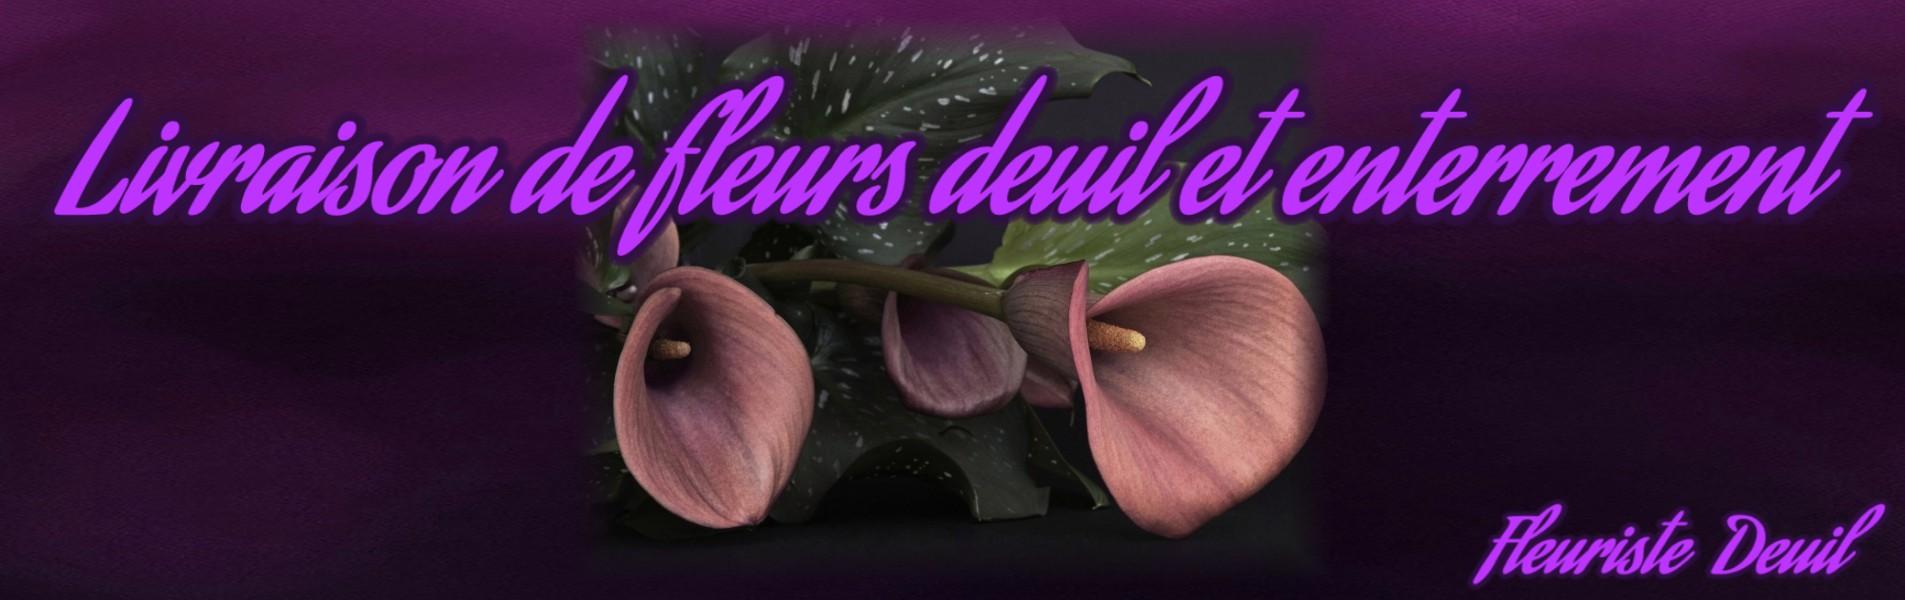 LIVRAISON FLEURS DEUIL ET ENTERREMENT / GERBES DE FLEURS